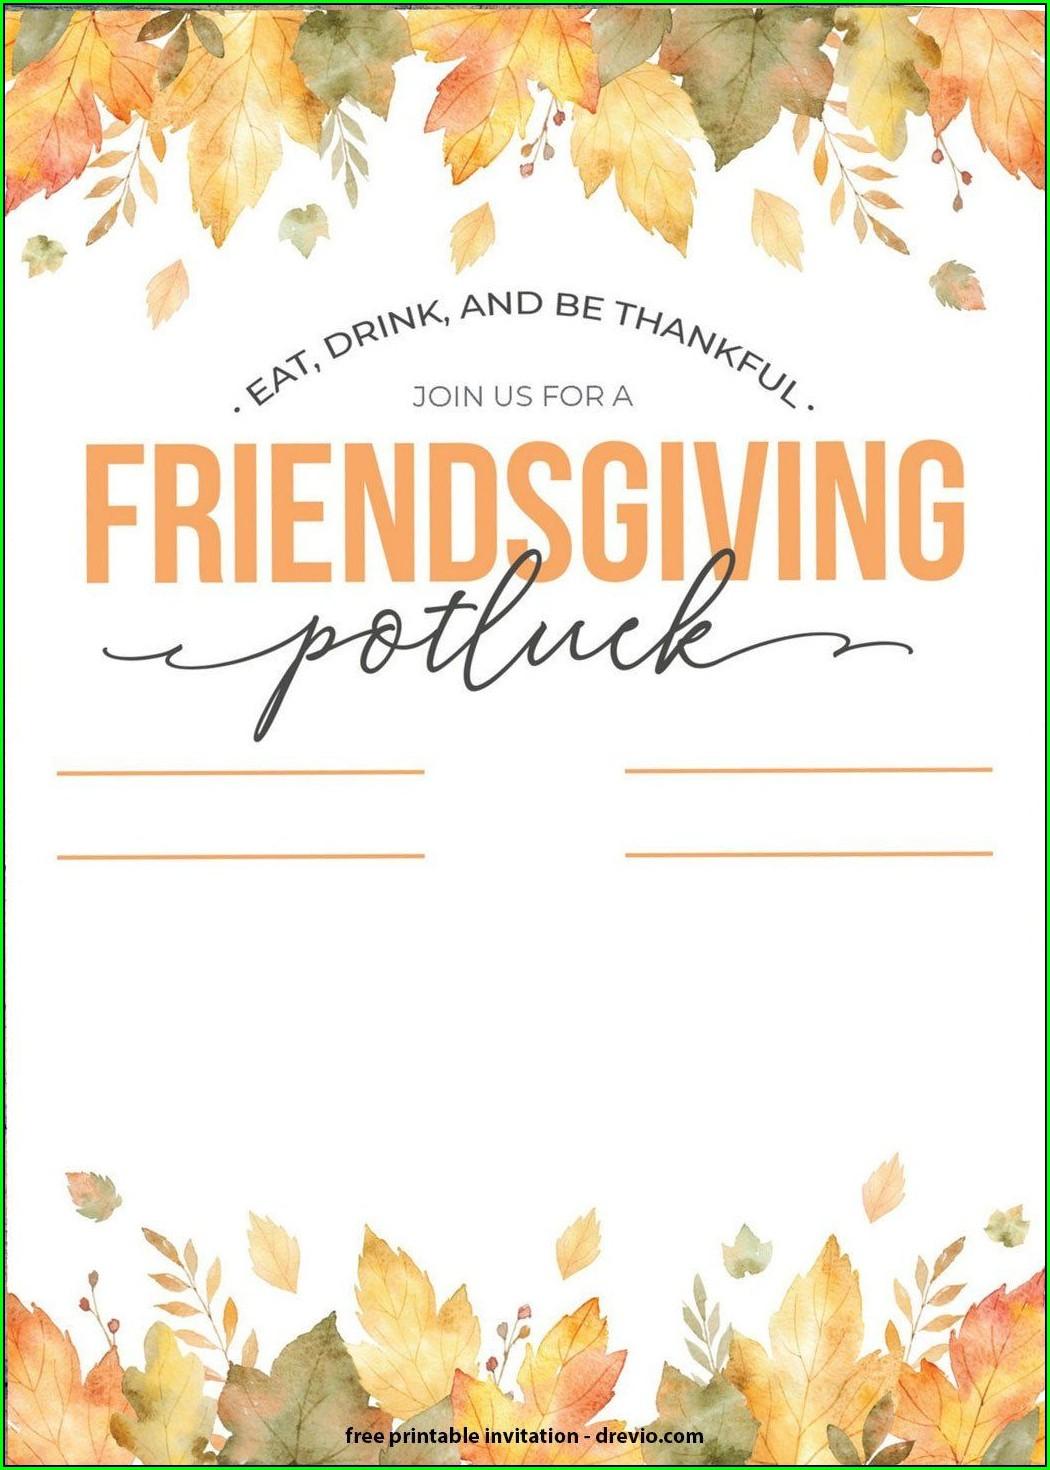 Office Thanksgiving Potluck Invitation Wording